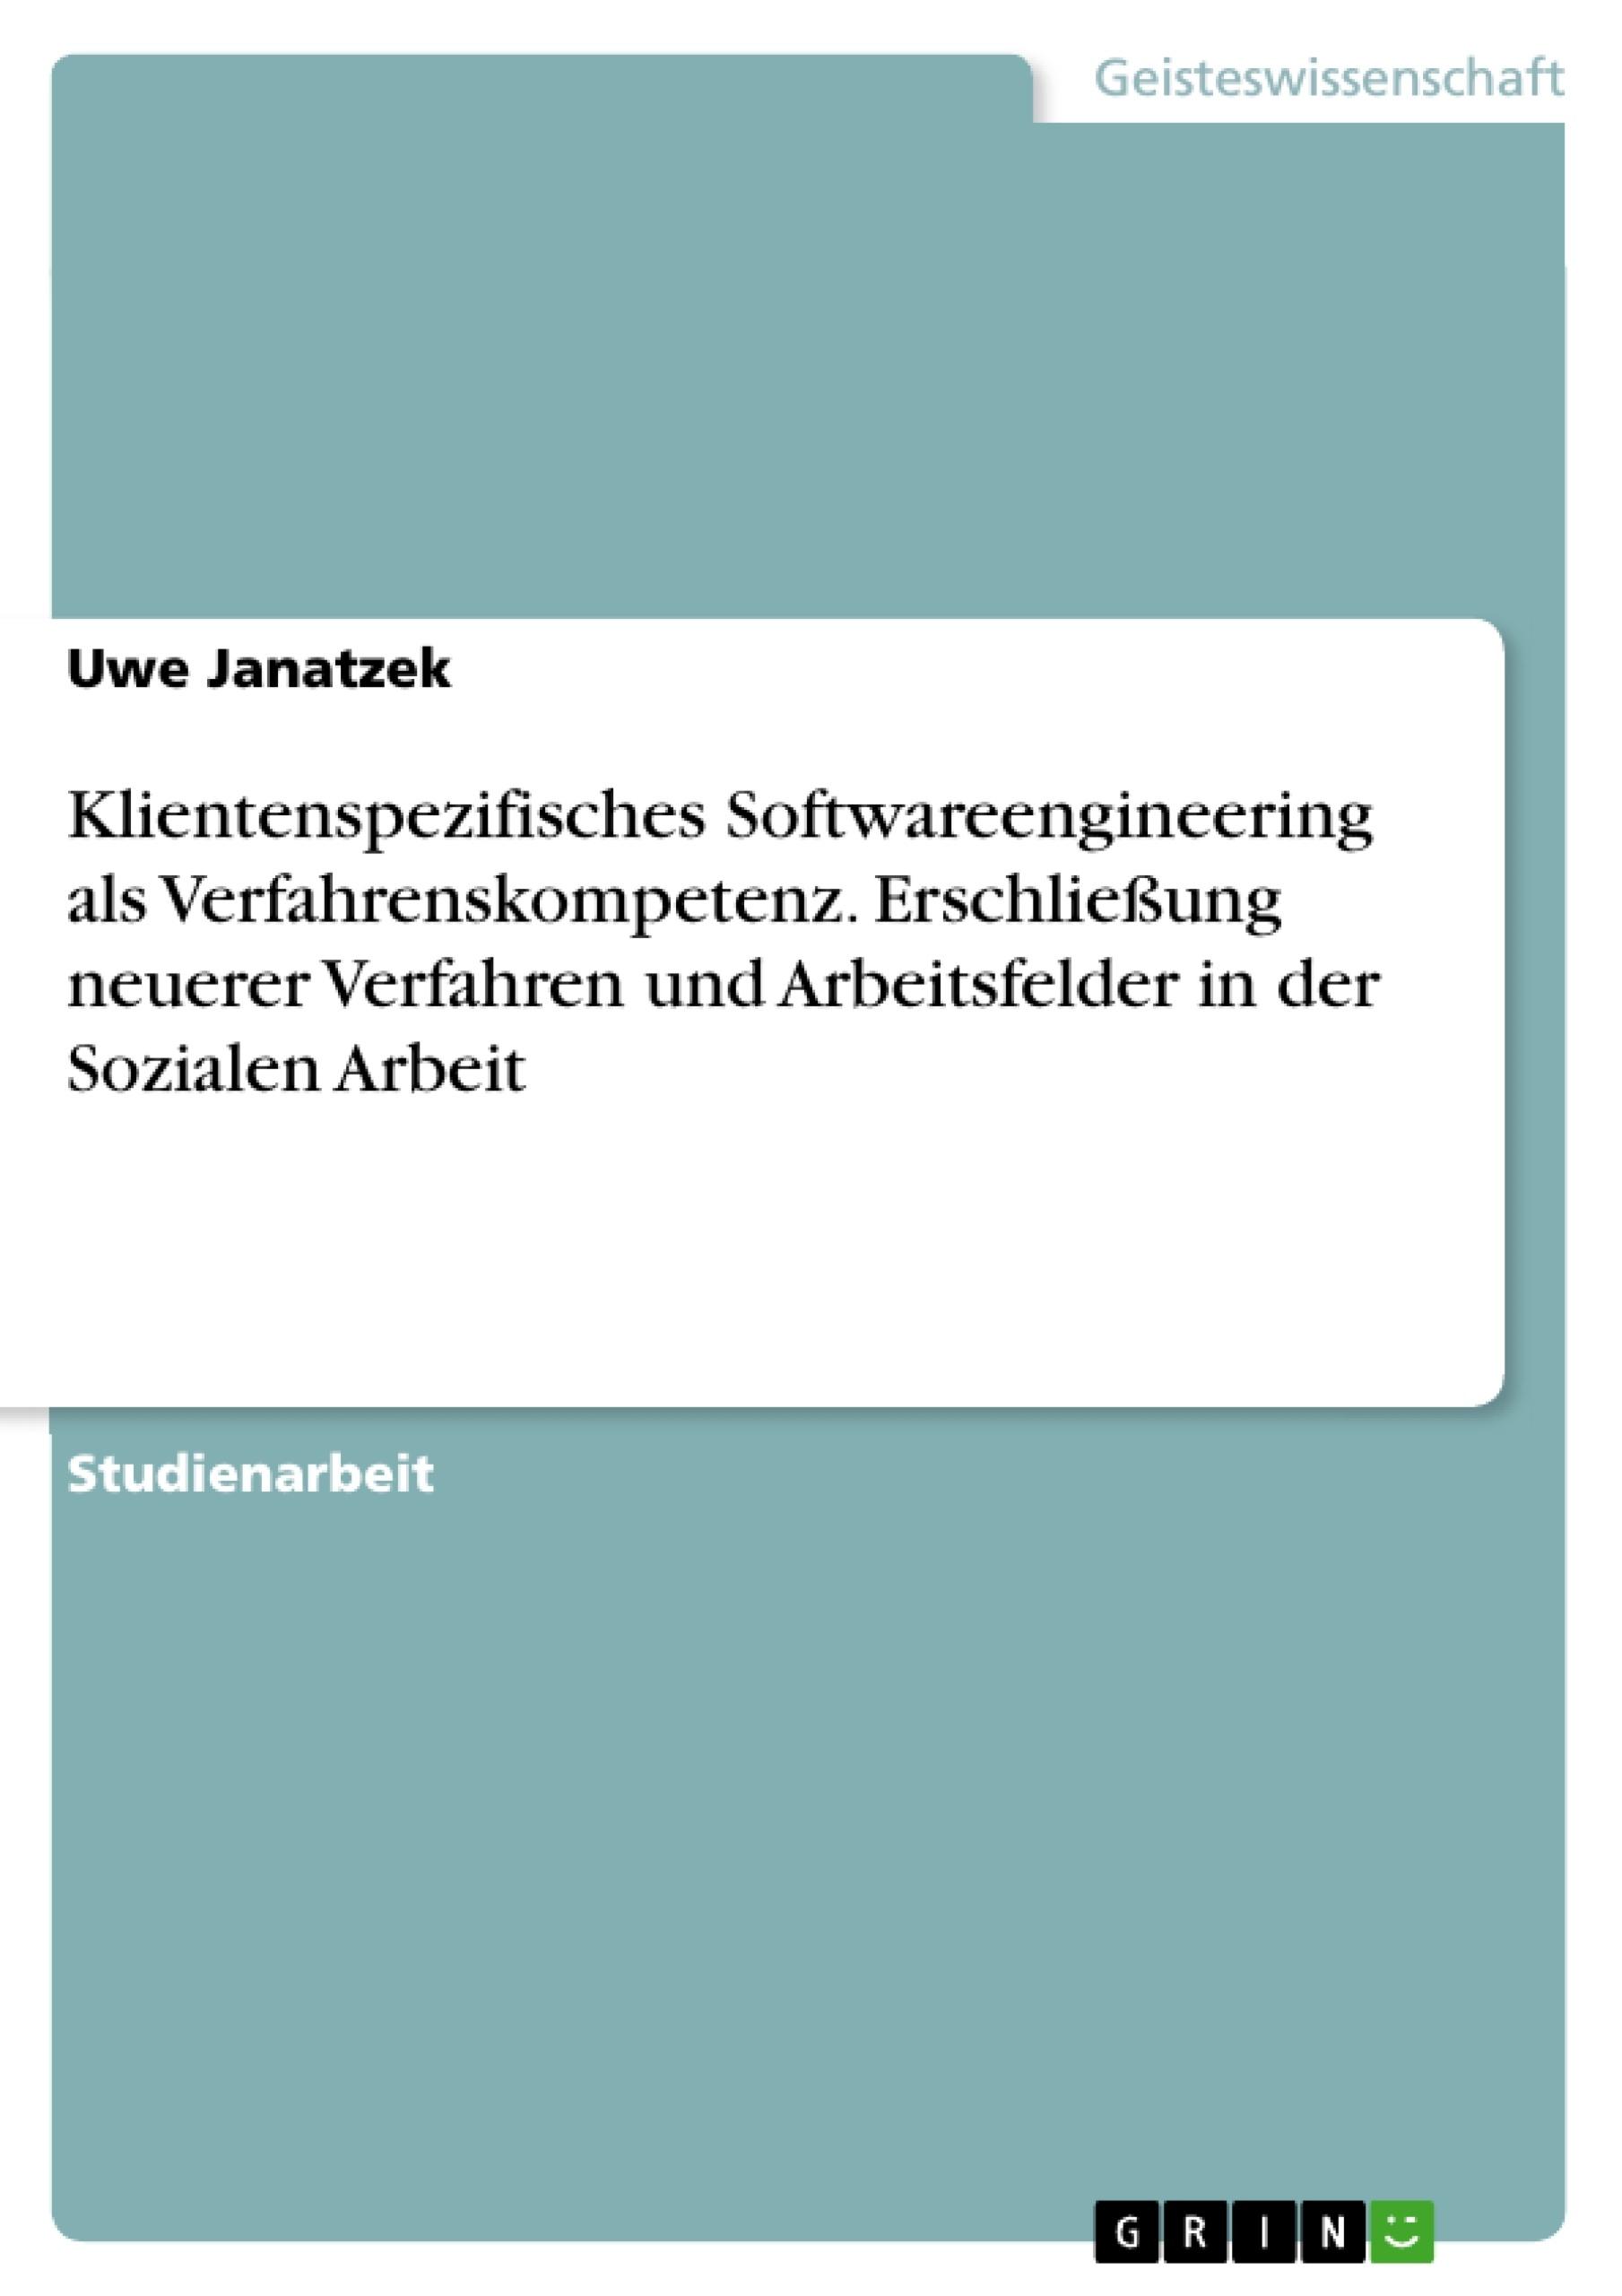 Titel: Klientenspezifisches Softwareengineering als Verfahrenskompetenz. Erschließung neuerer Verfahren und Arbeitsfelder in der Sozialen Arbeit